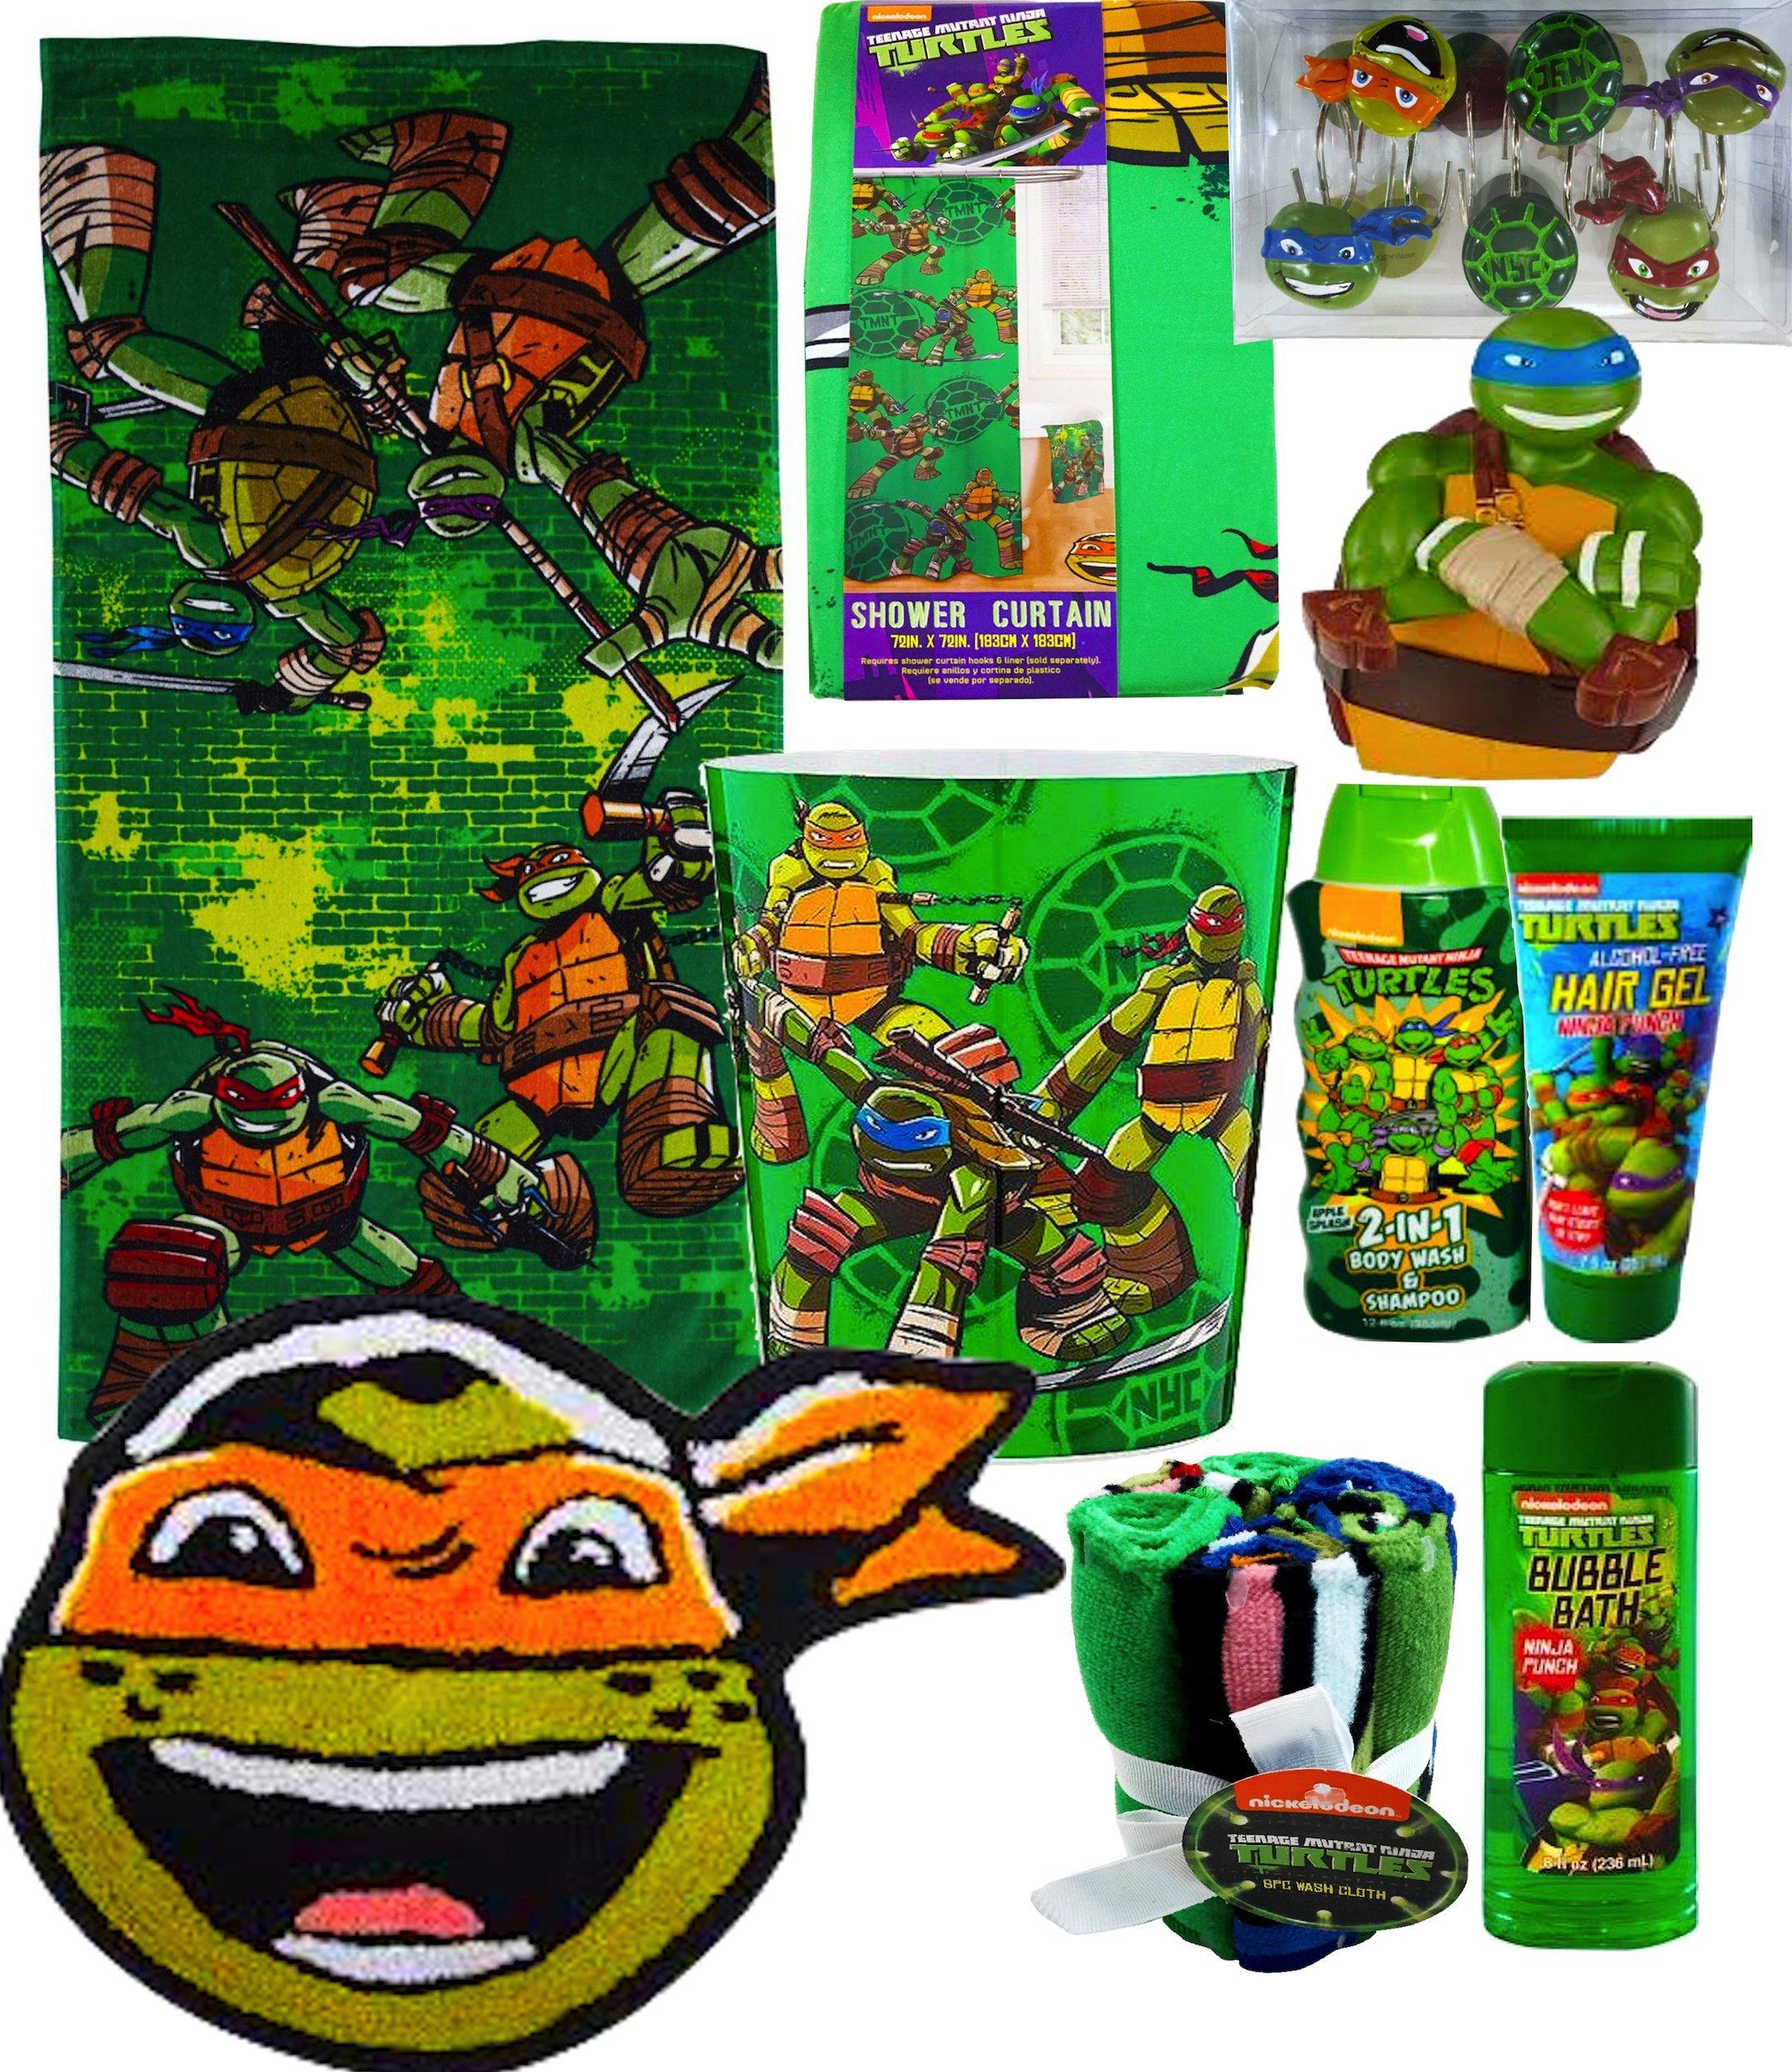 Teenage Mutant Ninja Turtles Mega Bathroom Accessories Gift Set Includes Teenage Mutant Ninja Turtles Bath Towel, Waste Basket, Bath Rug, Shower Curtain And More